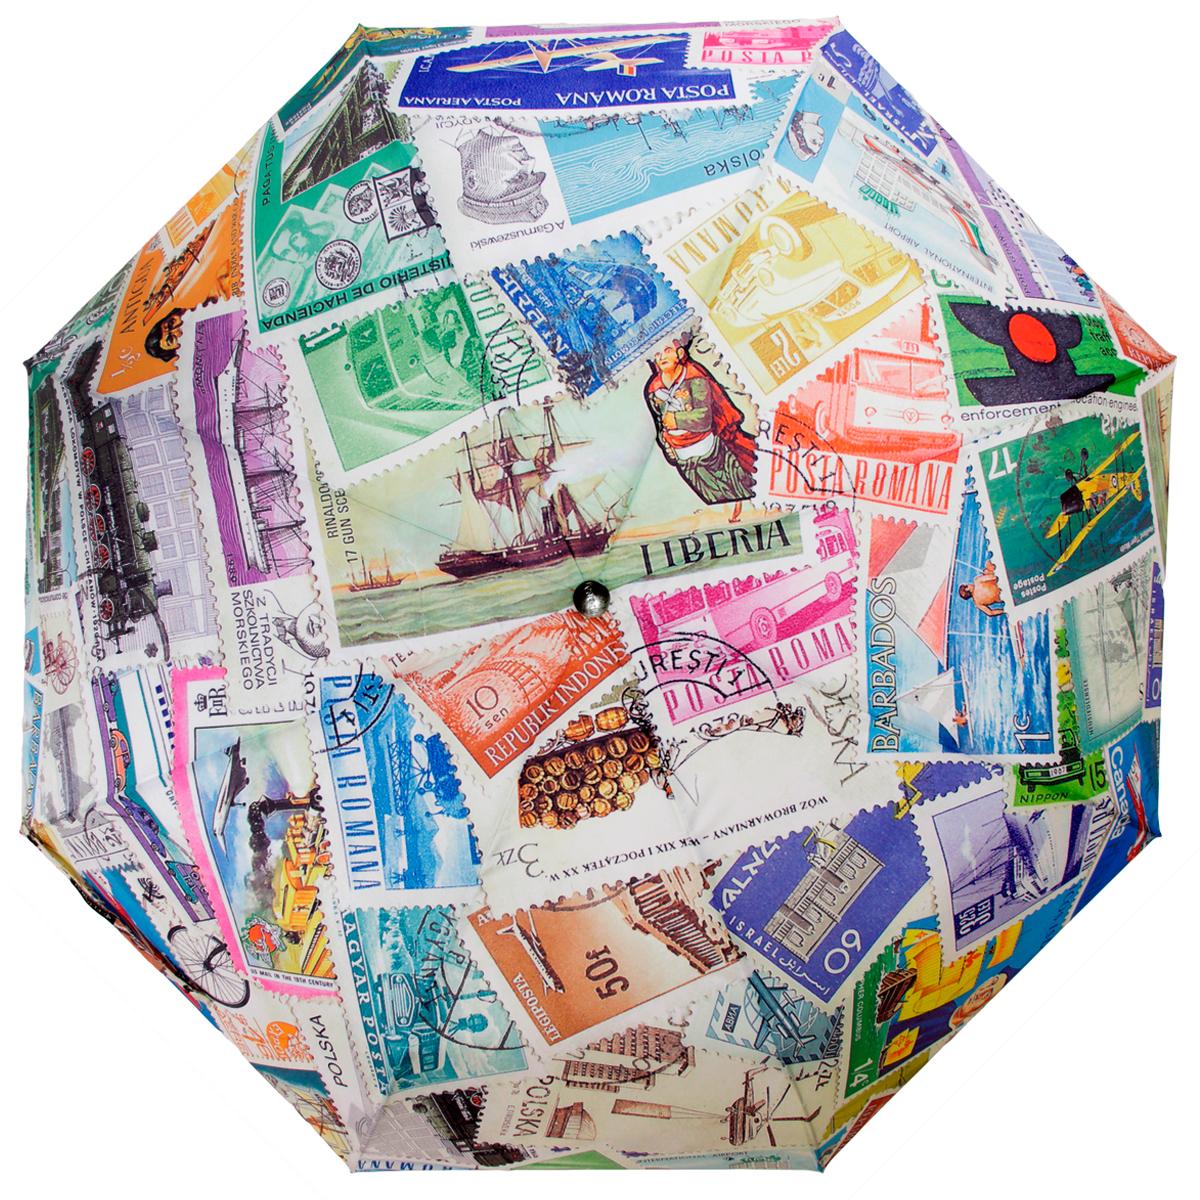 Зонт женский Flioraj Почтовые марки, автомат, 3 сложения, белый, зеленый, розовый014-46 FJСтильный автоматический зонт Flioraj Почтовые марки в 3 сложения даже в ненастную погоду позволит вам оставаться стильной и элегантной. Каркас зонта из анодированной стали состоит из восьми карбоновых спиц, оснащен удобной прорезиненной рукояткой. Карбоновые спицы помогут выдержать натиск ураганного ветра. Зонт снабжен системой антиветер. Зонт имеет полный автоматический механизм сложения: купол открывается и закрывается нажатием кнопки на рукоятке, стержень складывается вручную до характерного щелчка, благодаря чему открыть и закрыть зонт можно одной рукой, что чрезвычайно удобно при входе в транспорт или помещение. Купол зонта выполнен из прочного полиэстера и оформлен оригинальным изображением почтовых марок разных стран. Закрытый купол фиксируется хлястиком на кнопке. На рукоятке для удобства есть небольшая эластичная петля, позволяющая надеть зонт на руку тогда, когда это будет необходимо. К зонту прилагается чехол.